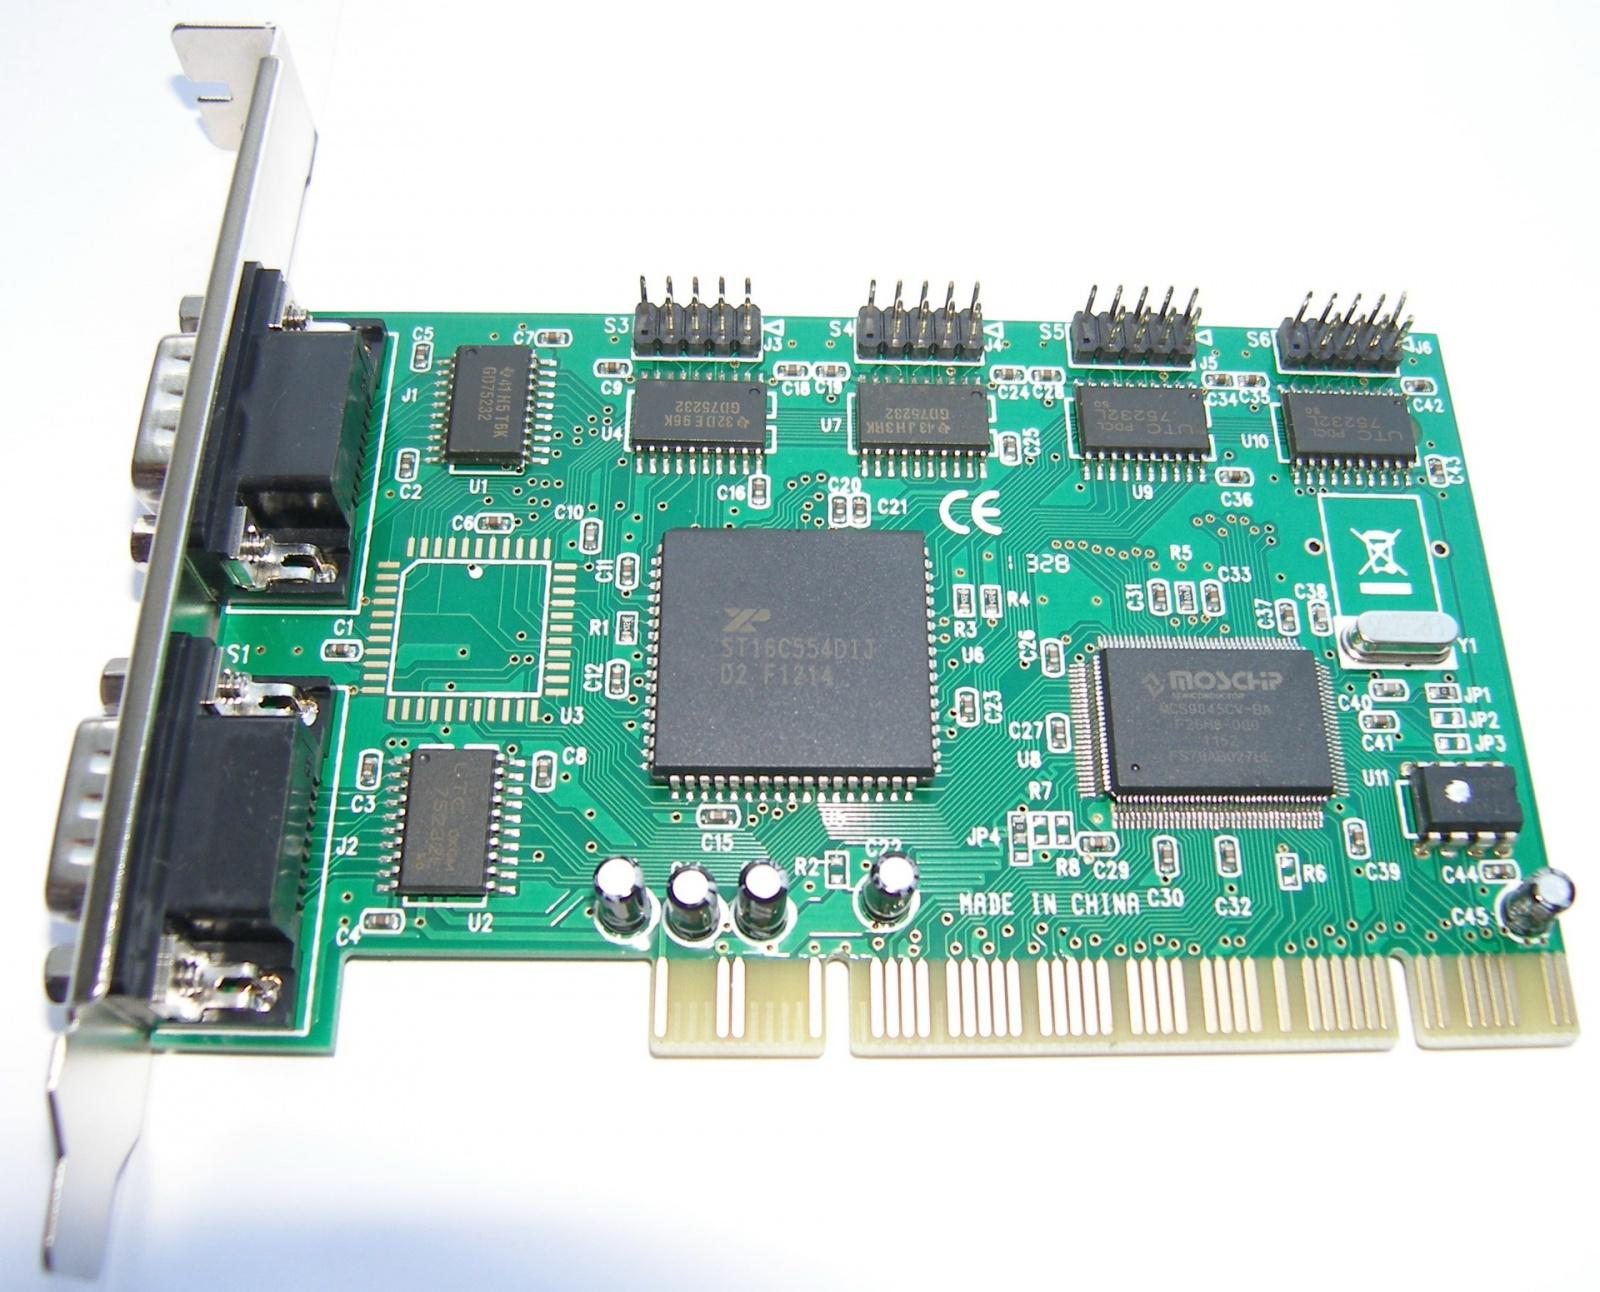 Адаптеры сопряжения RS-422 с поддержкой скоростей до 1Мбод для системной шины PCI - 2